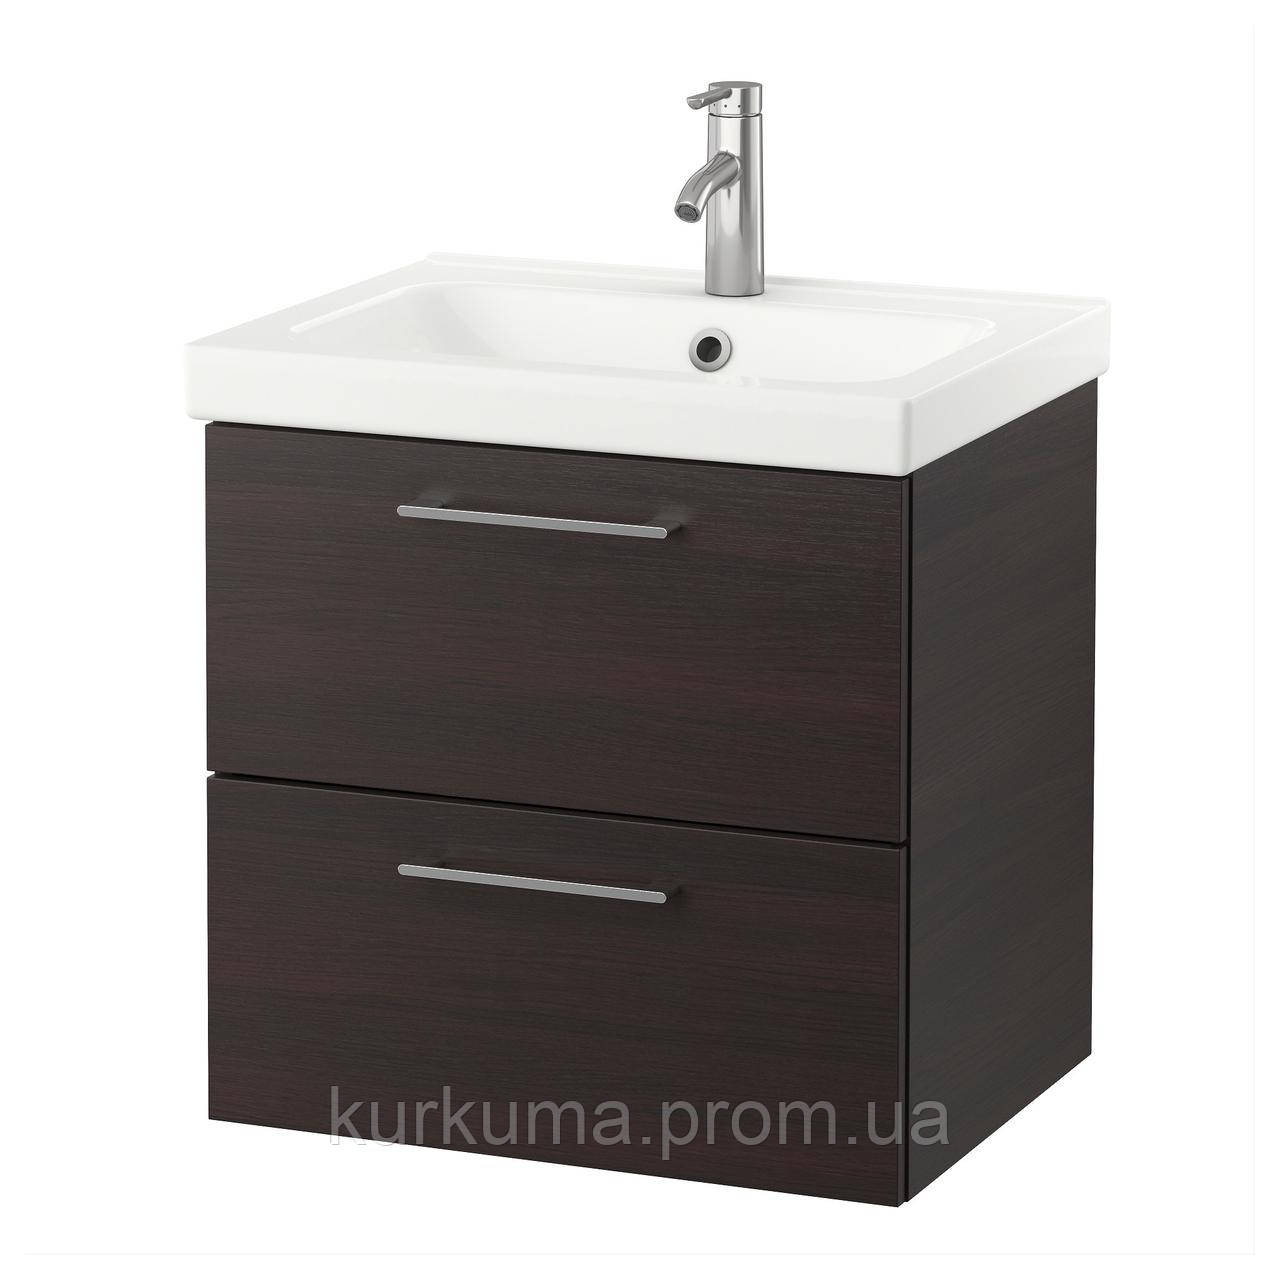 IKEA GODMORGON/ODENSVIK Шкаф под умывальник с раковиной, черно-коричневый  (591.848.70)